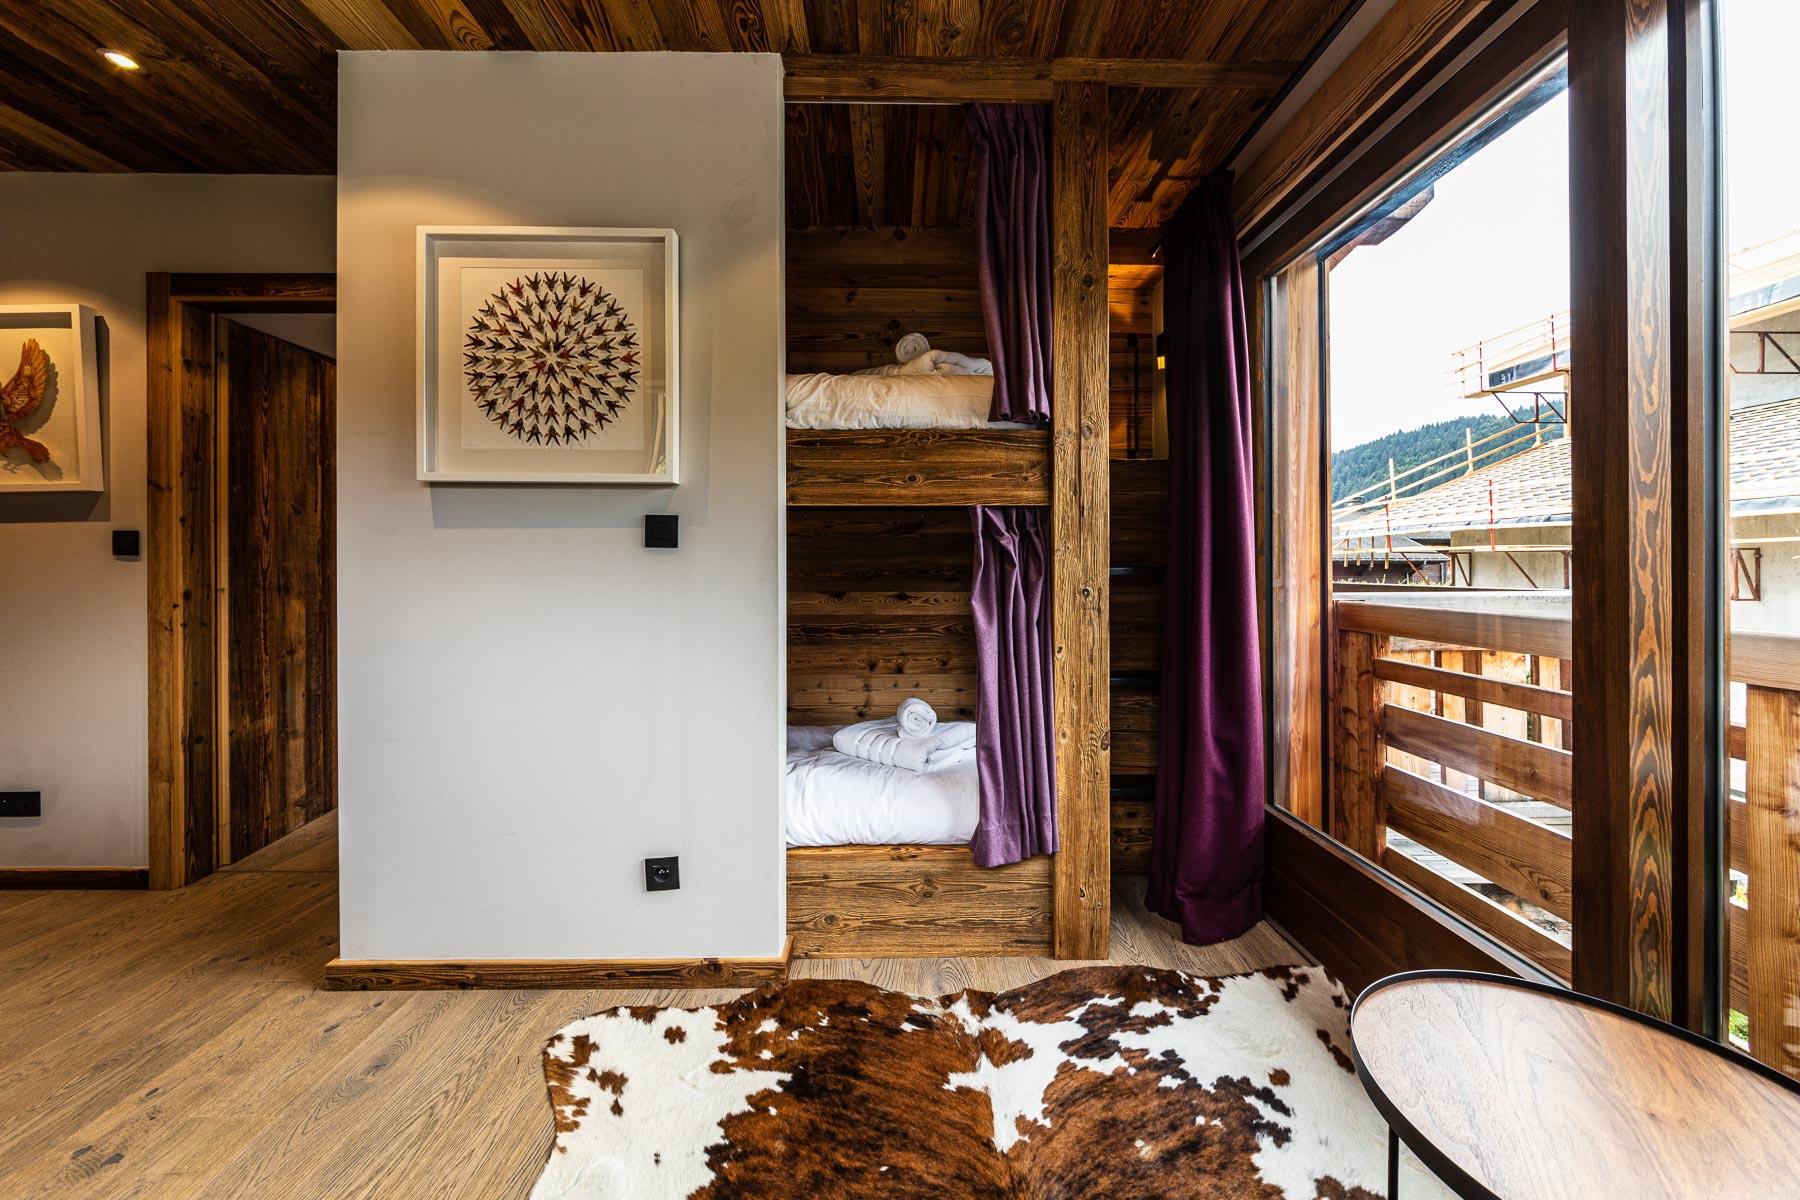 Kterra 1 Bunk Beds